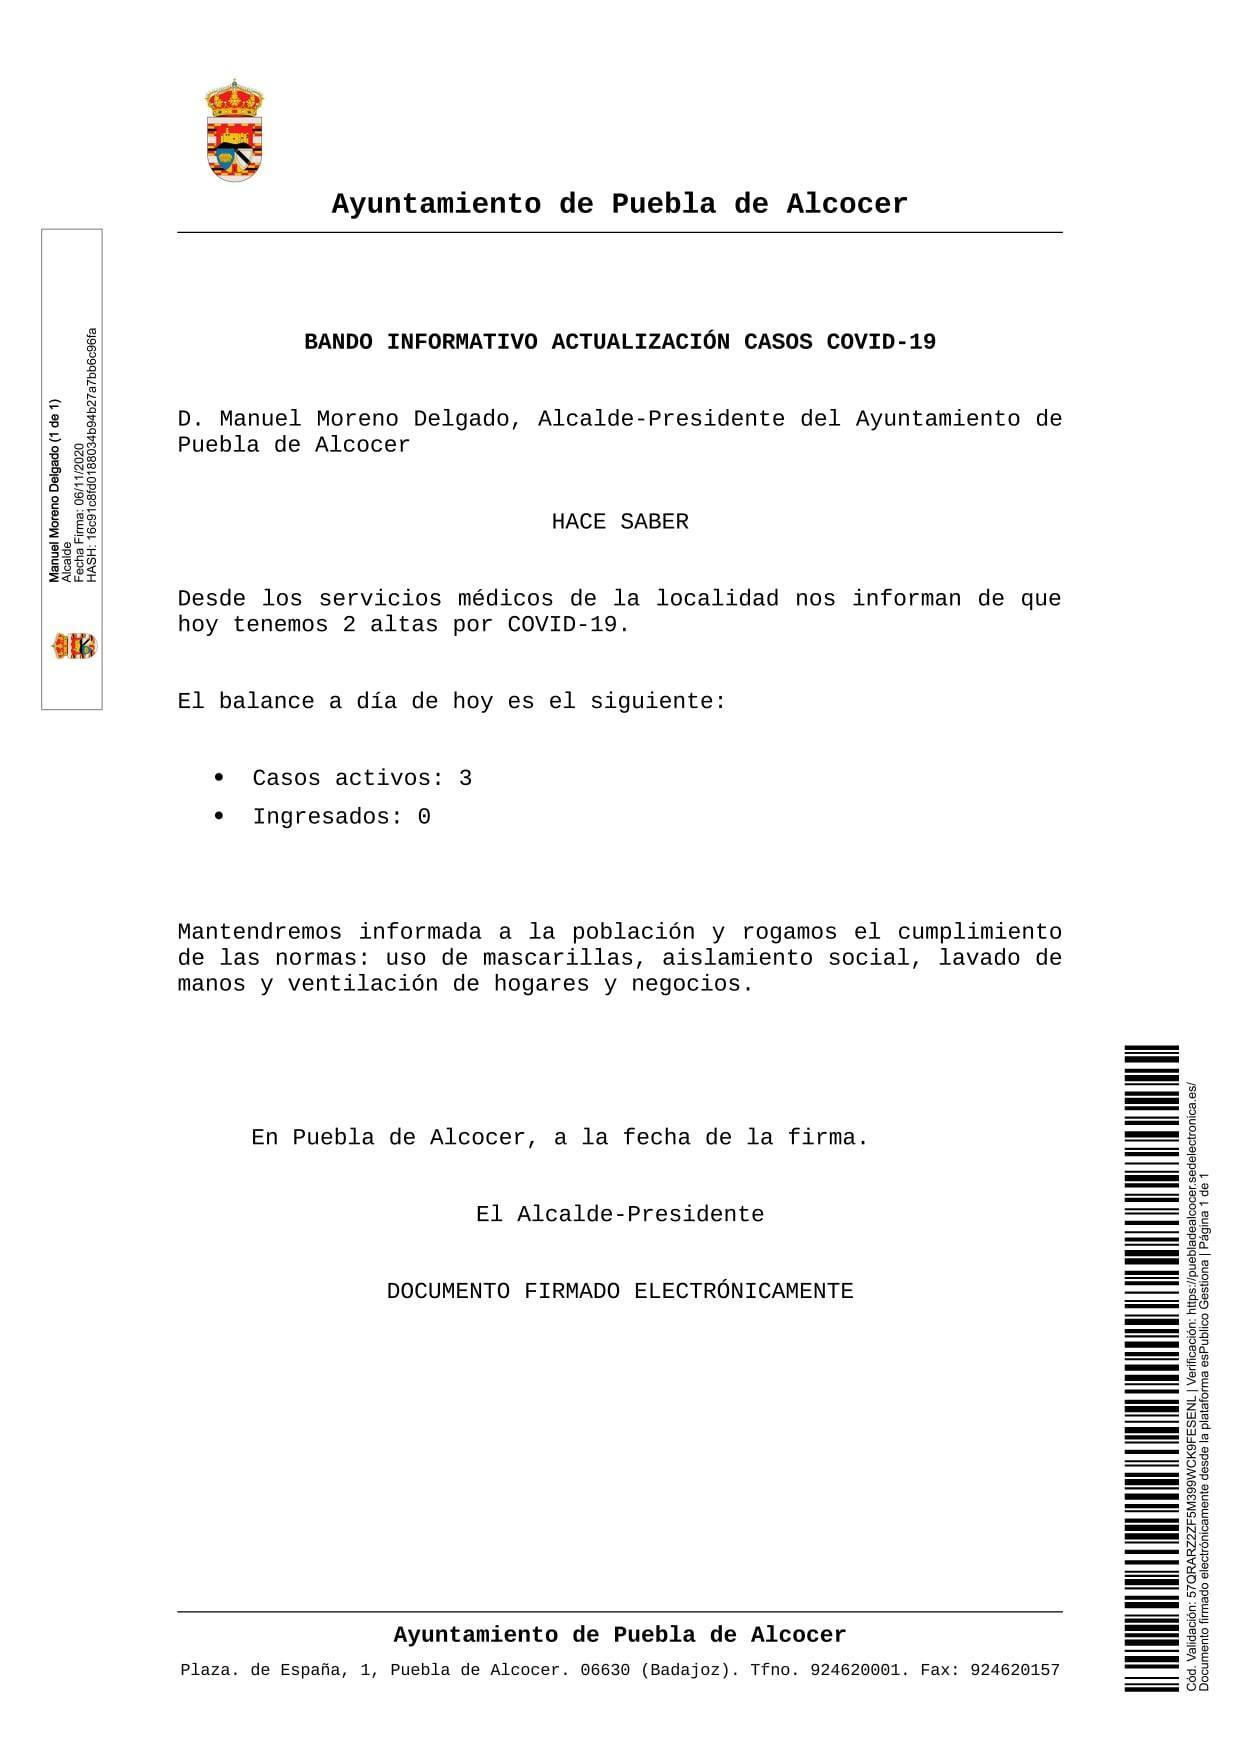 2 altas de COVID-19 (noviembre 2020) - Puebla de Alcocer (Badajoz)